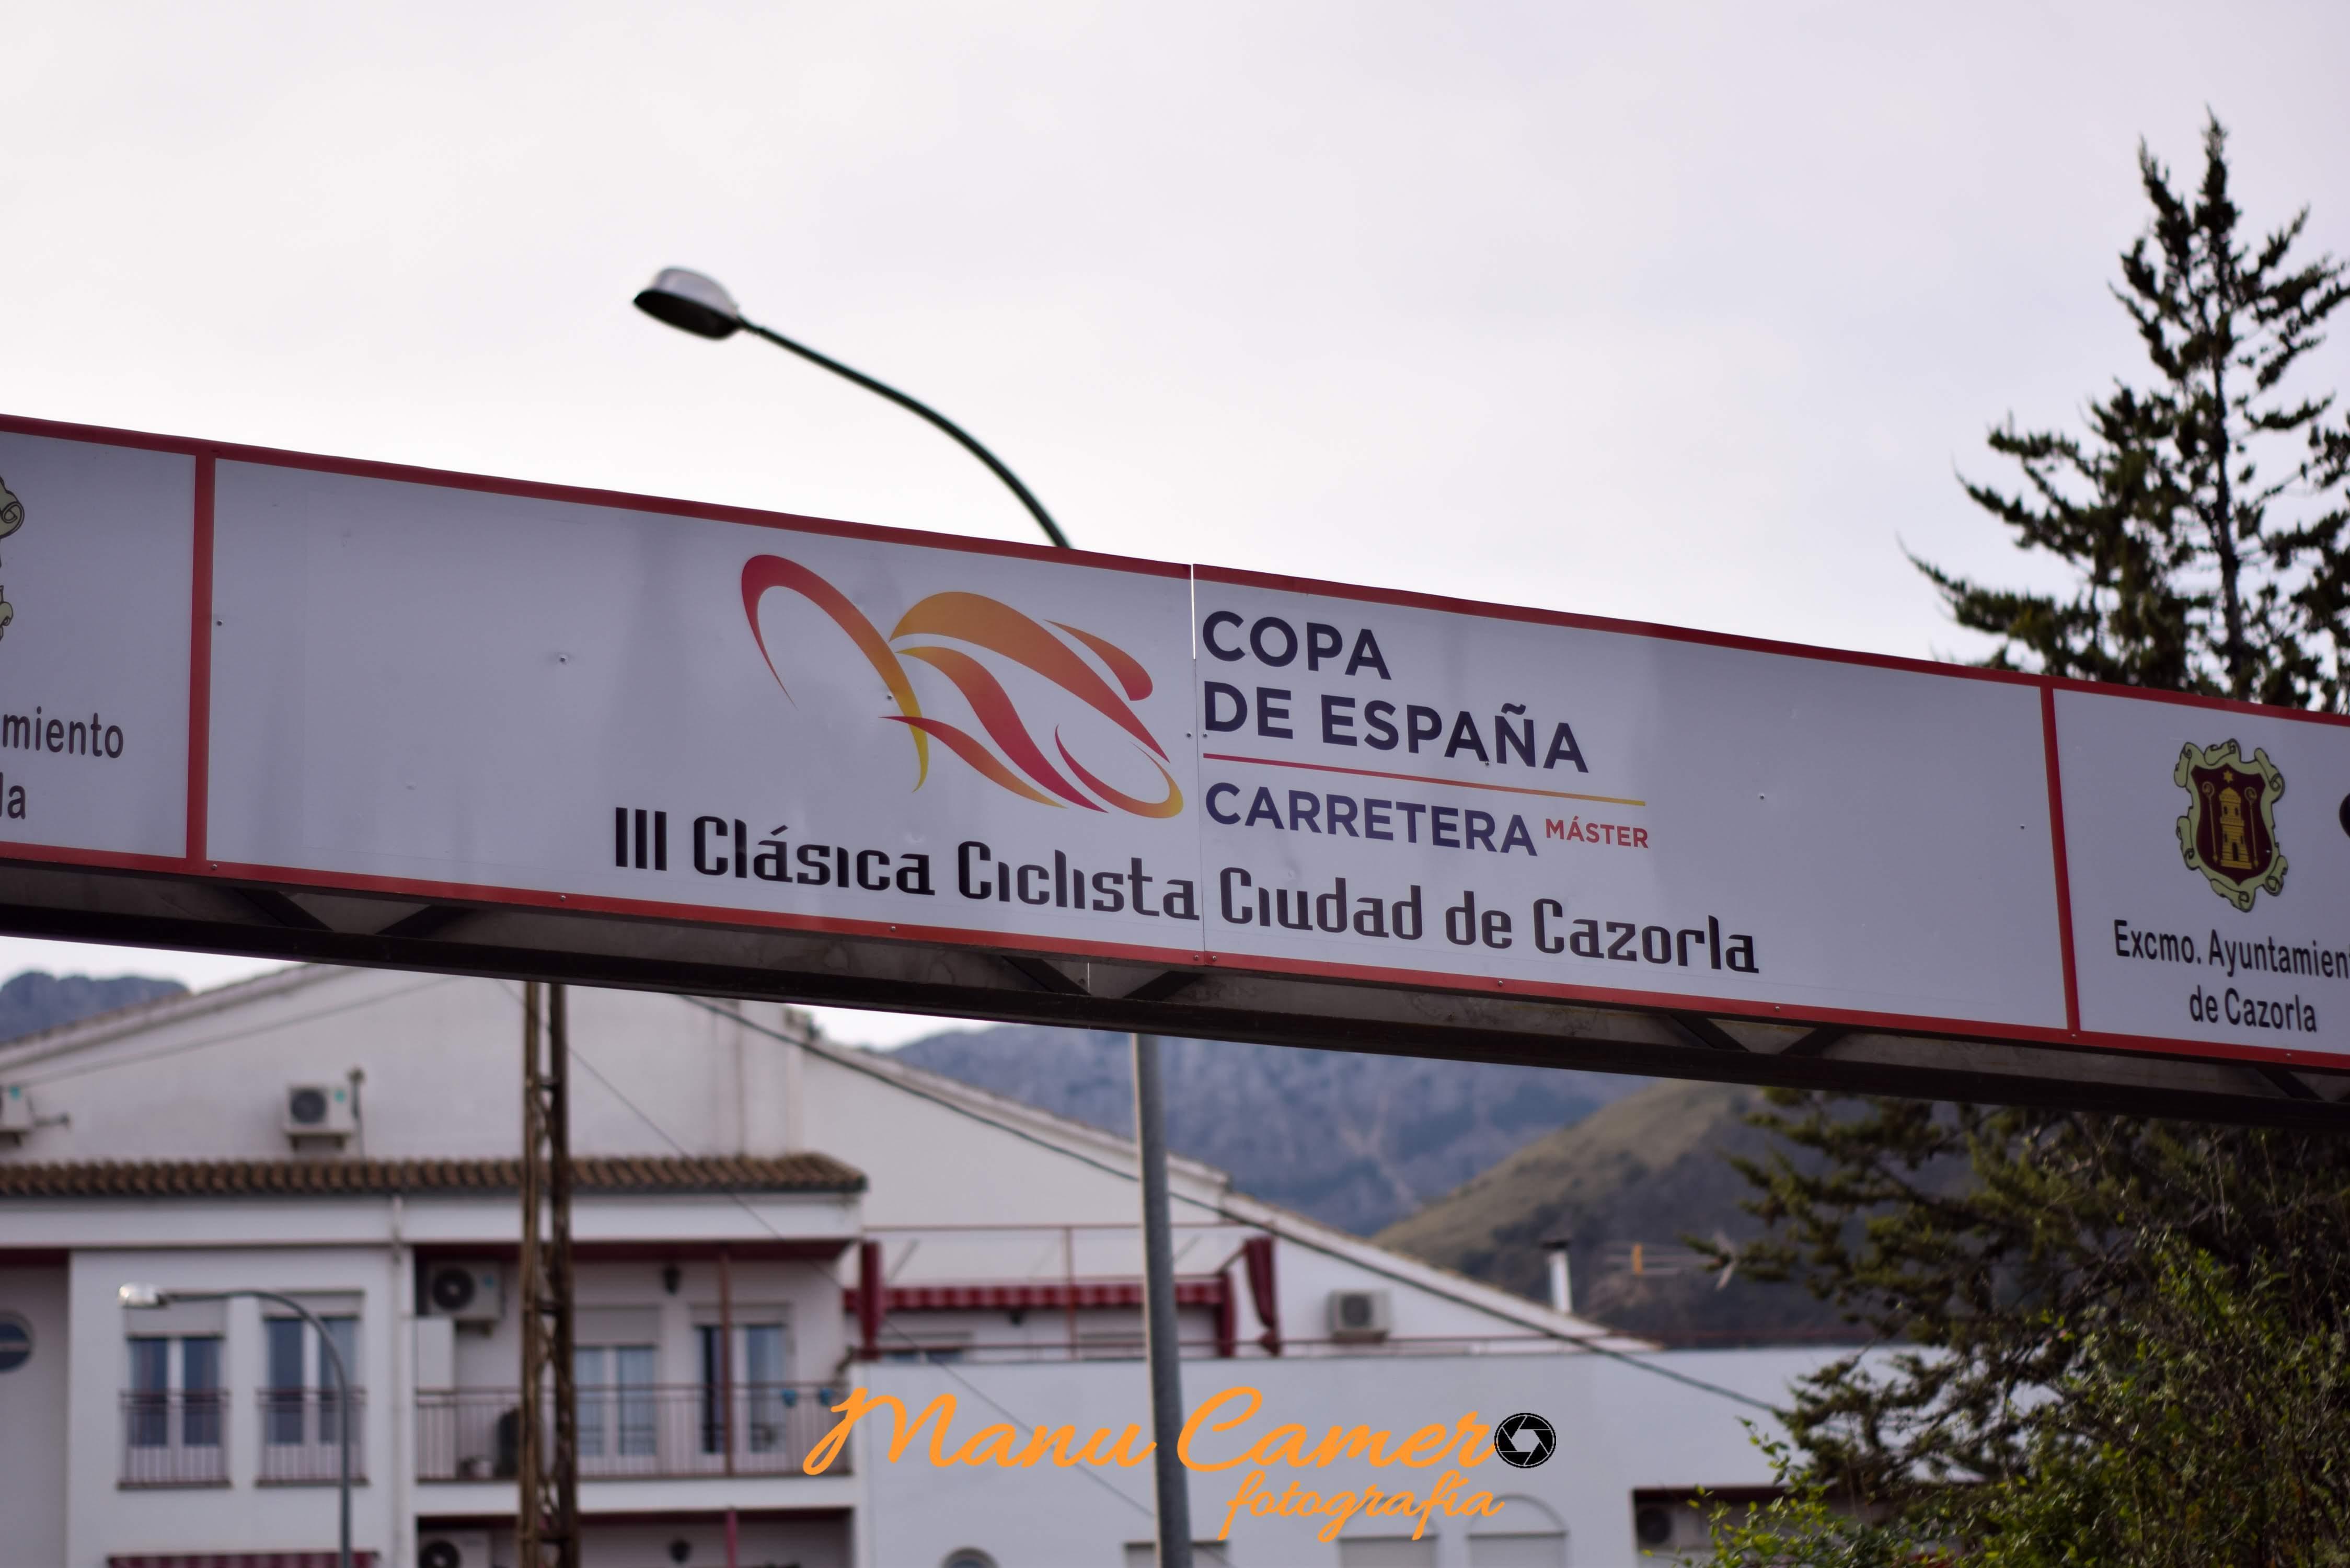 III CLASICA CICLISTA CIUDAD DE CAZORLA